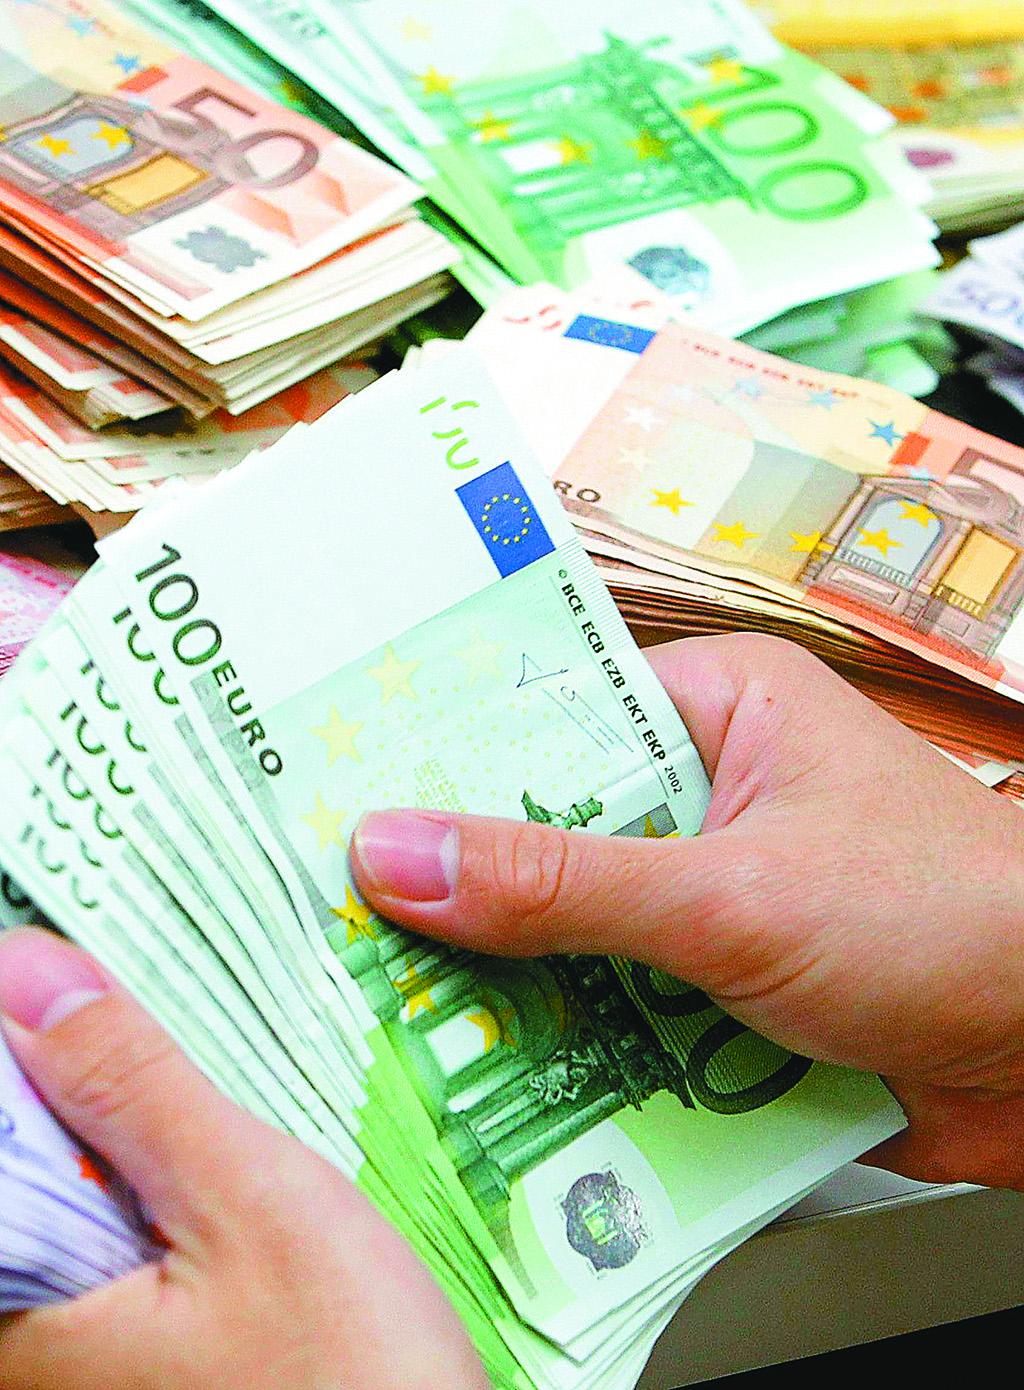 ΟΔΔΗΧ: Συμπληρωματικές προσφορές 375 εκατ. στα τρίμηνα έντοκα γραμμάτια | tovima.gr